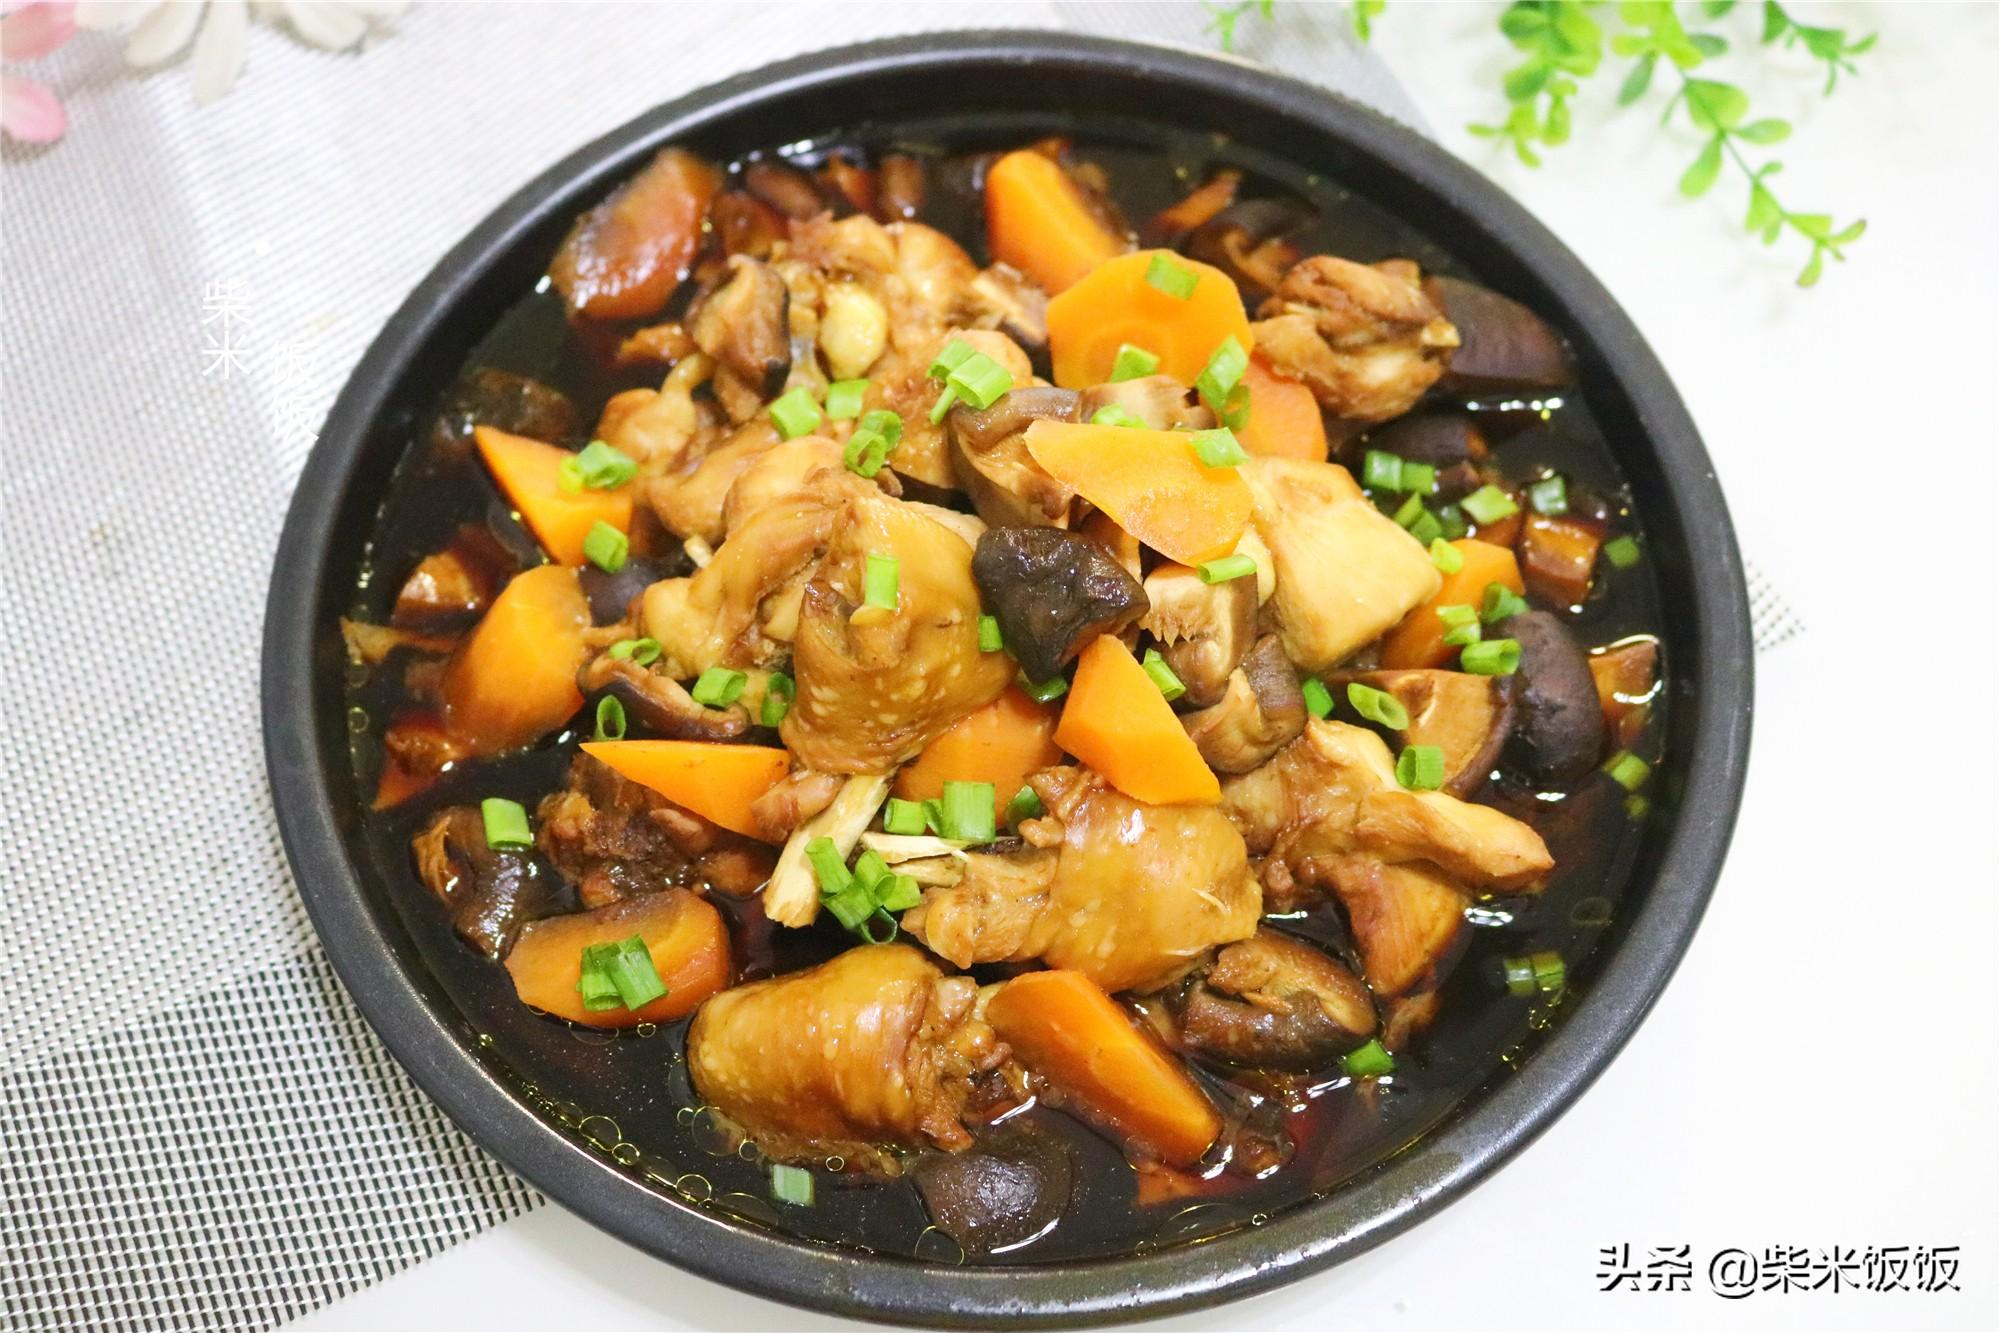 夏季最爱吃蒸菜,腌一腌上锅蒸特省事,没有油烟,好吃不油腻